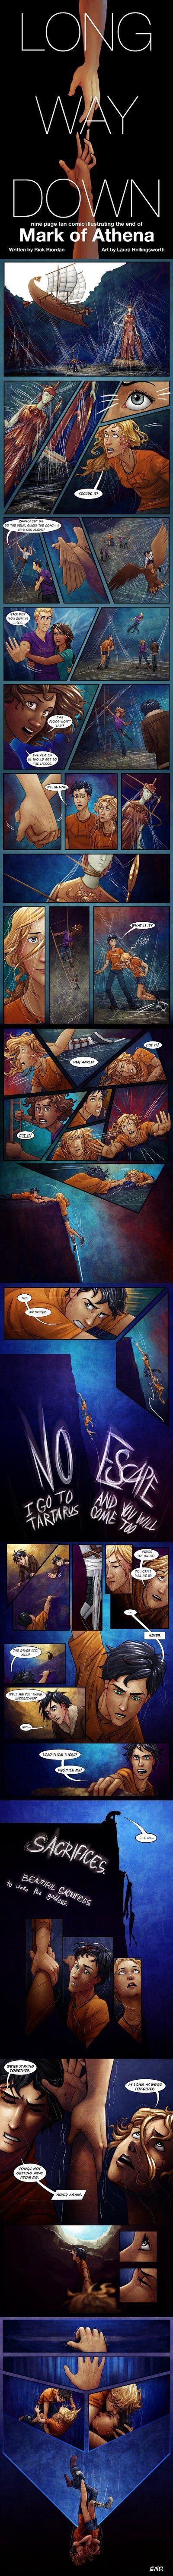 Long Way Down, comic of The Mark of Athena by Rick Riordan